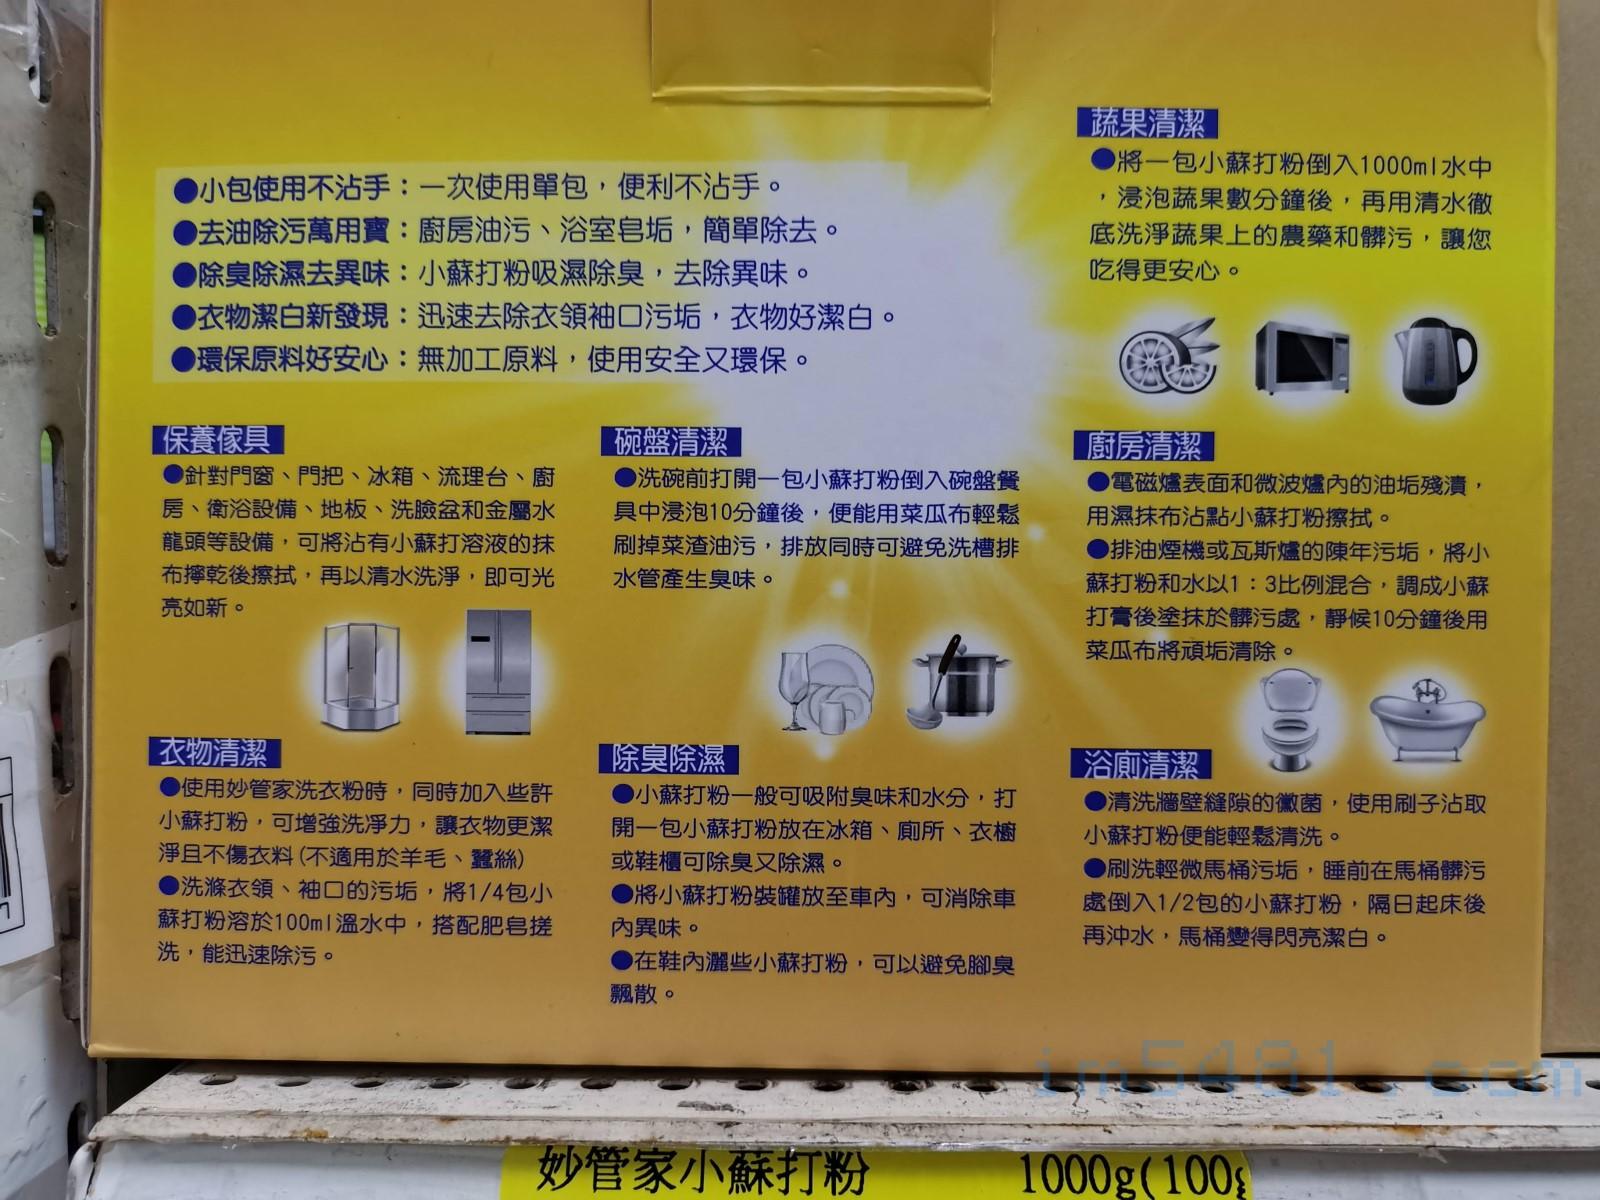 妙管家小蘇打粉的使用範例,其建議使用妙管家洗衣粉時加入些許小蘇打粉。